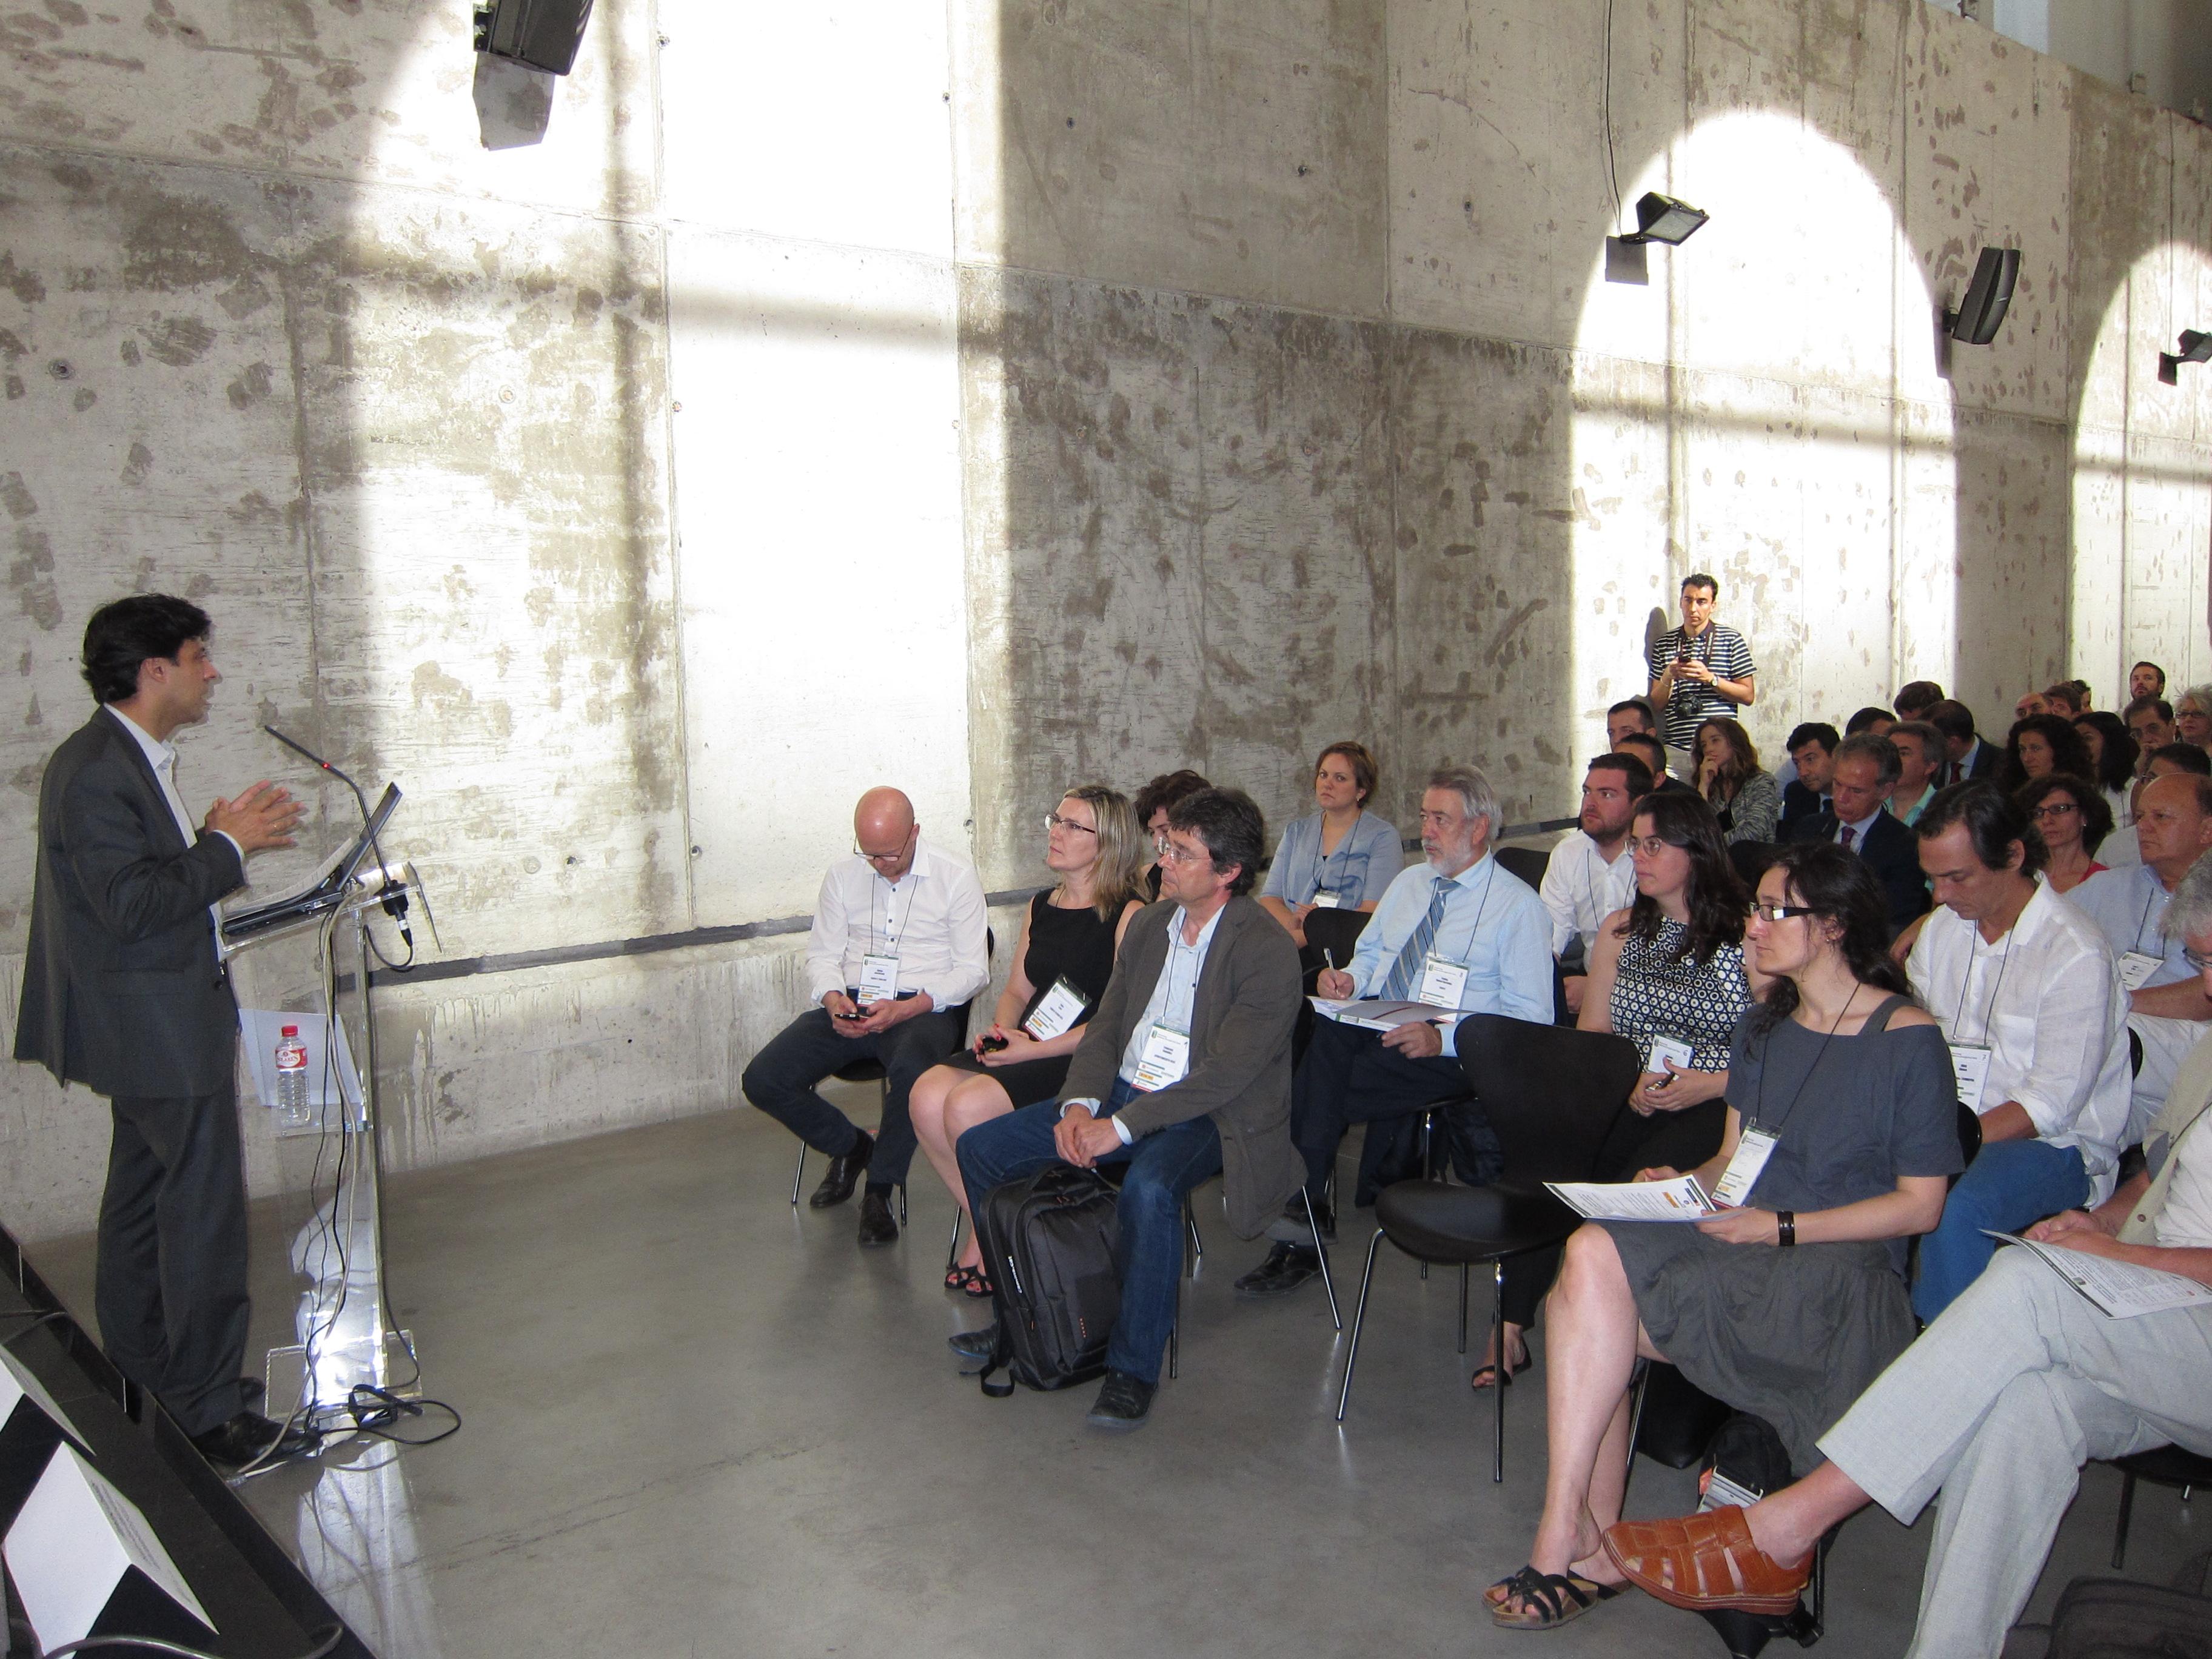 Javier Marin da la bienvenida a los participantes.